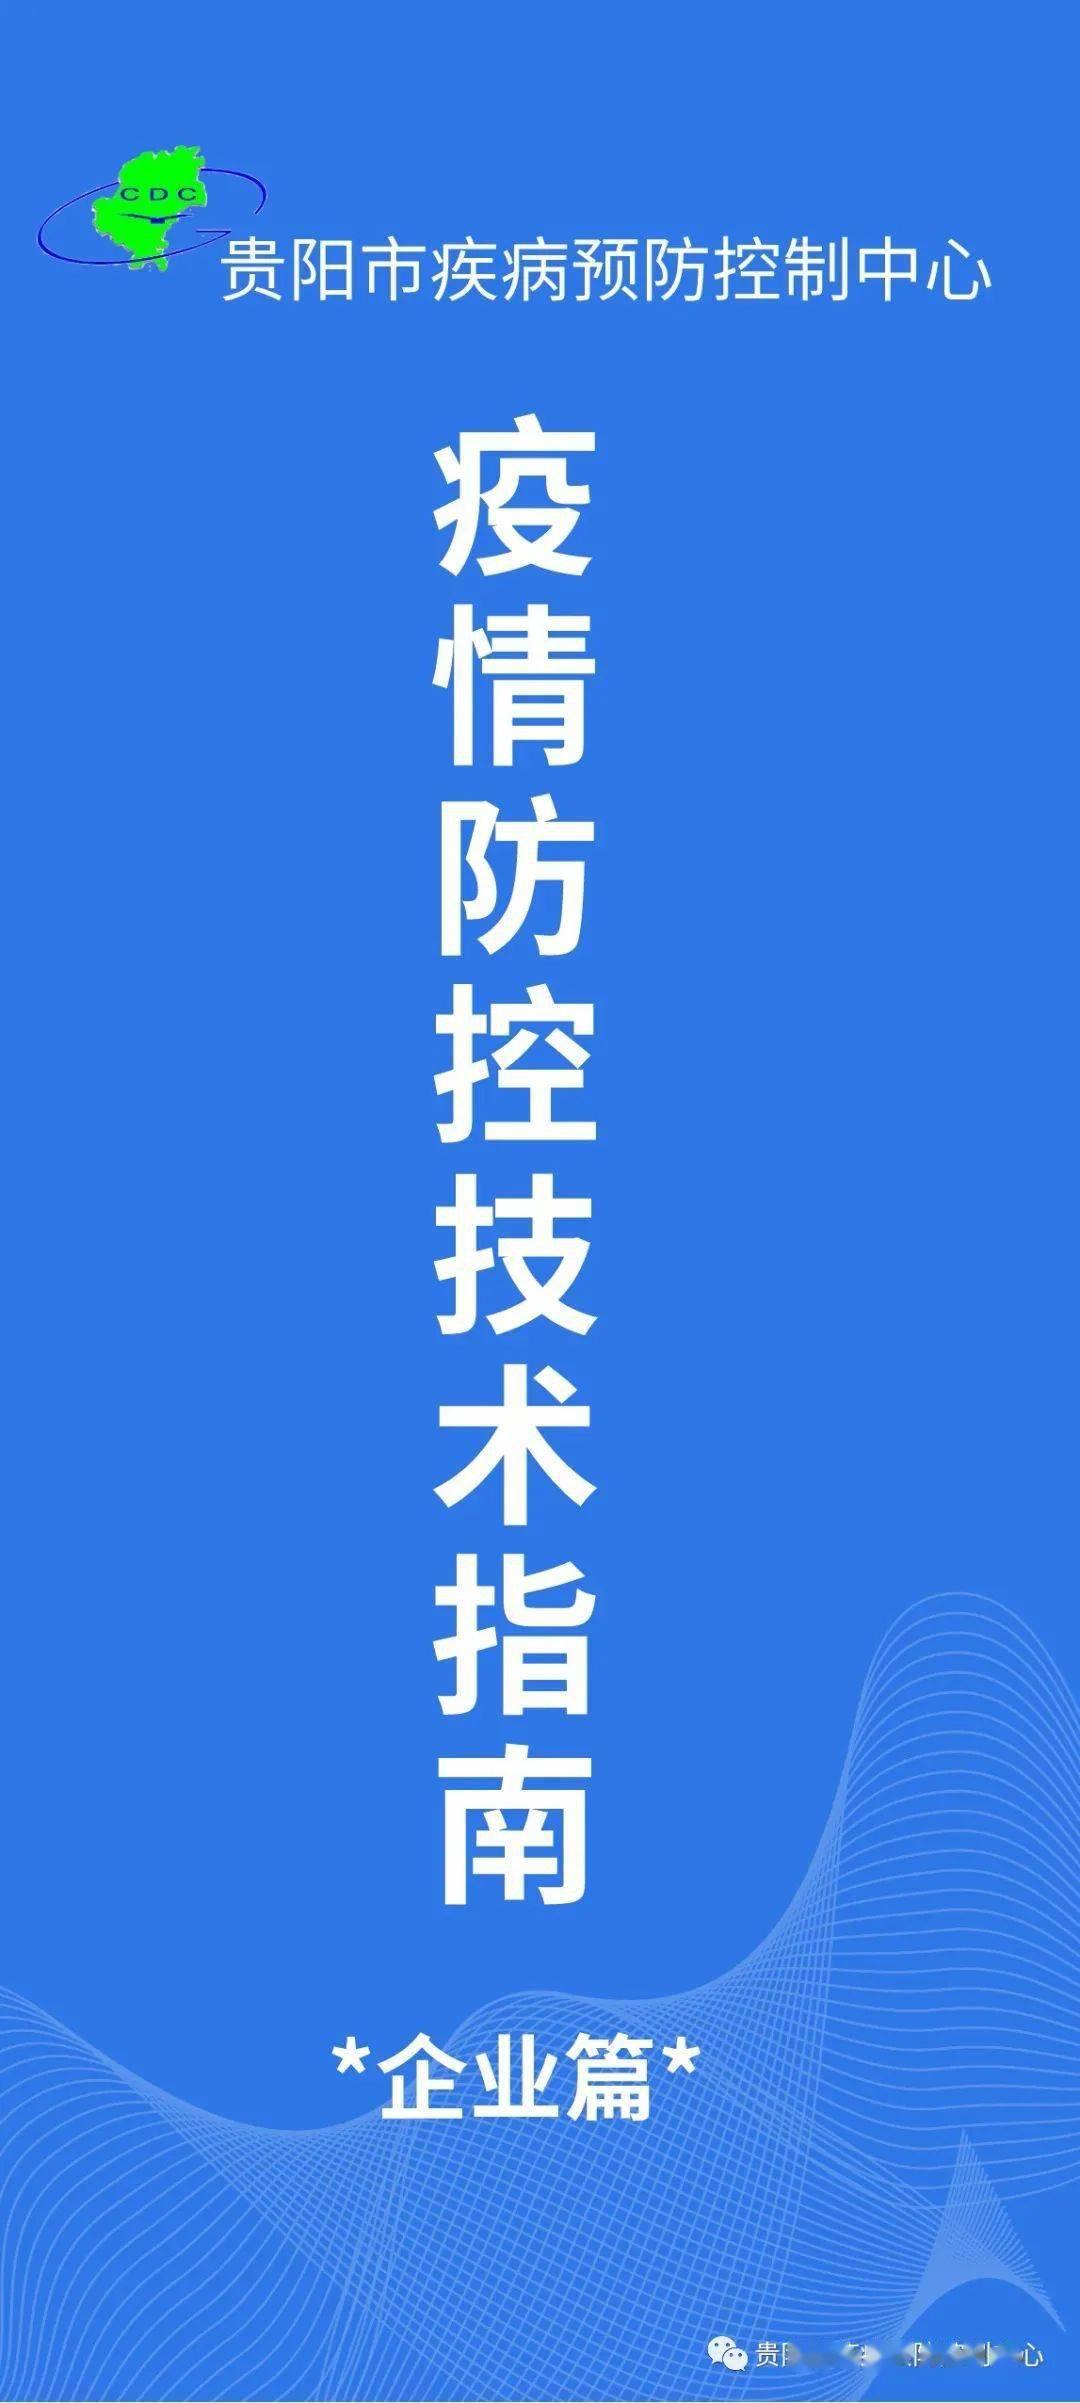 贵阳疾控提醒您:贵阳日常防疫指引――企业篇